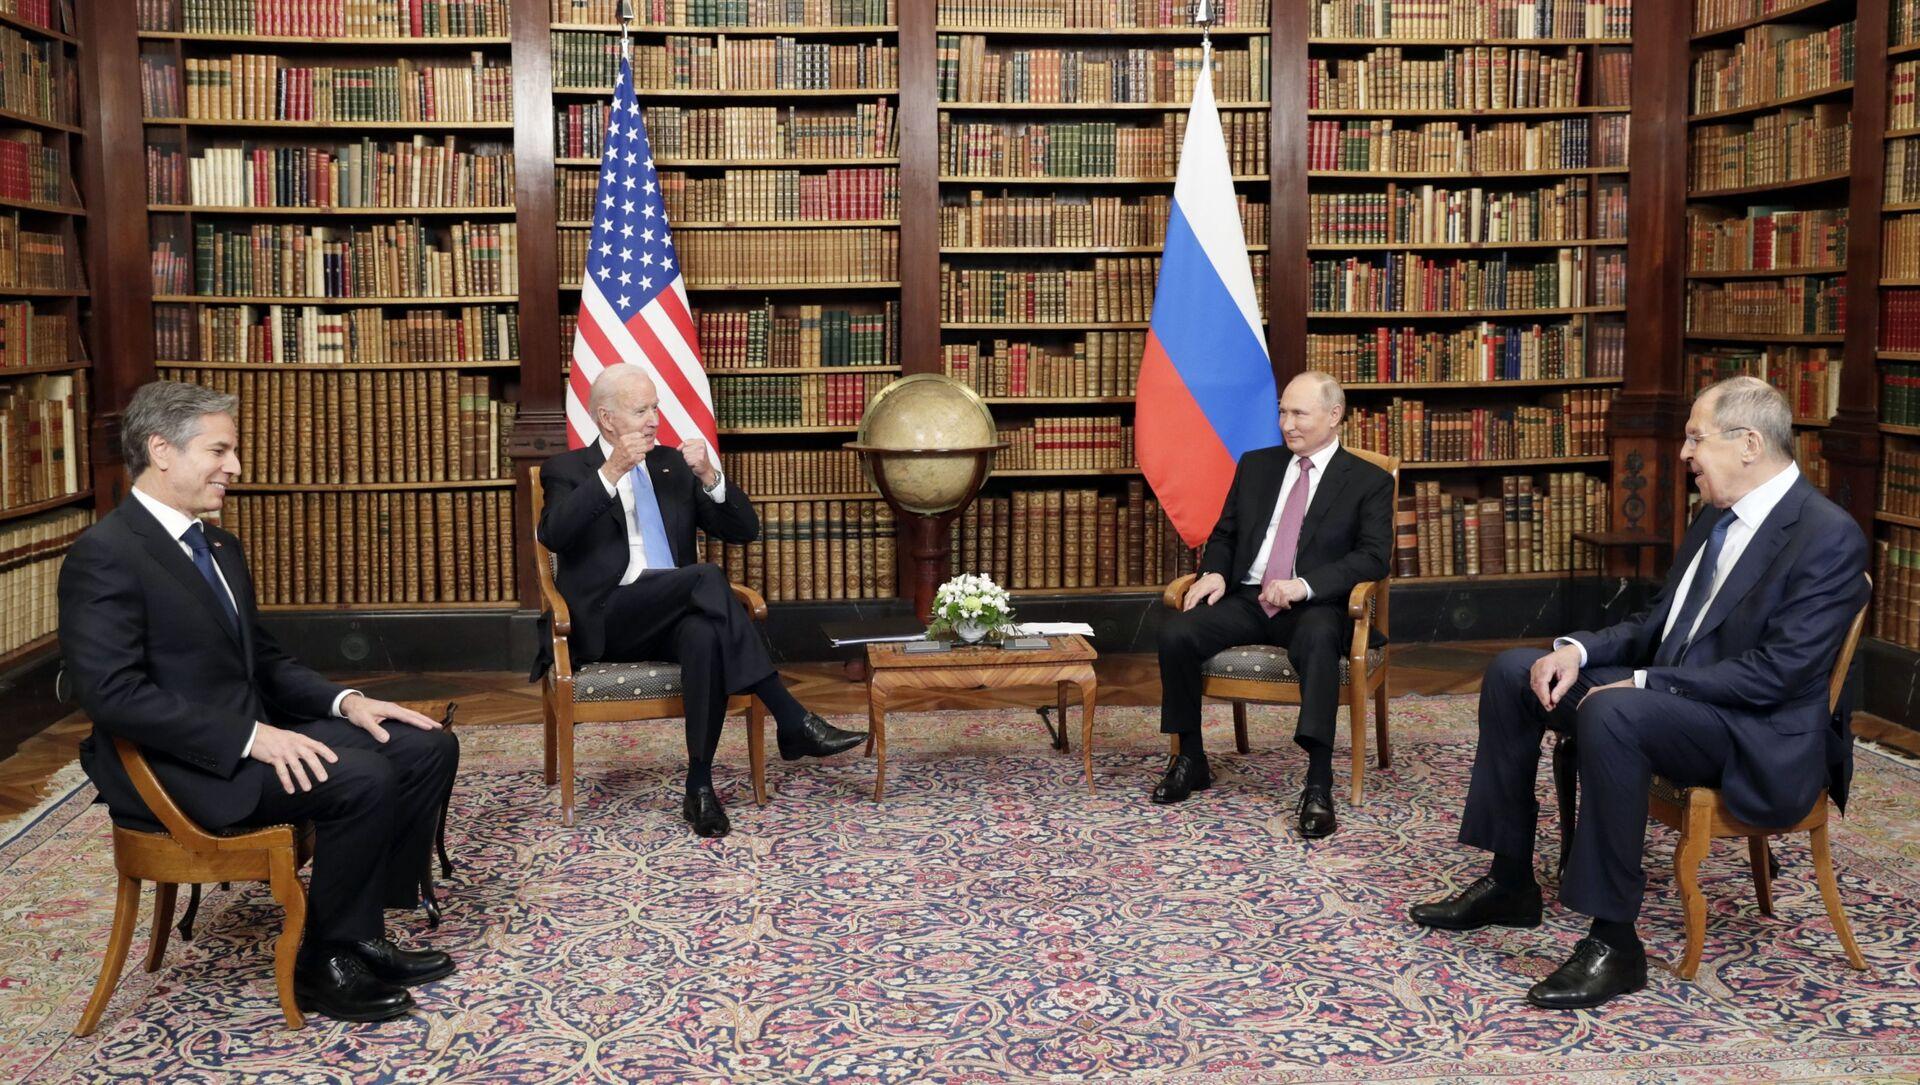 Spotkanie Joe Bidena, Władimira Putina, Antony'ego Blinkena i Siergieja Ławrowa w Genewie - Sputnik Polska, 1920, 17.06.2021